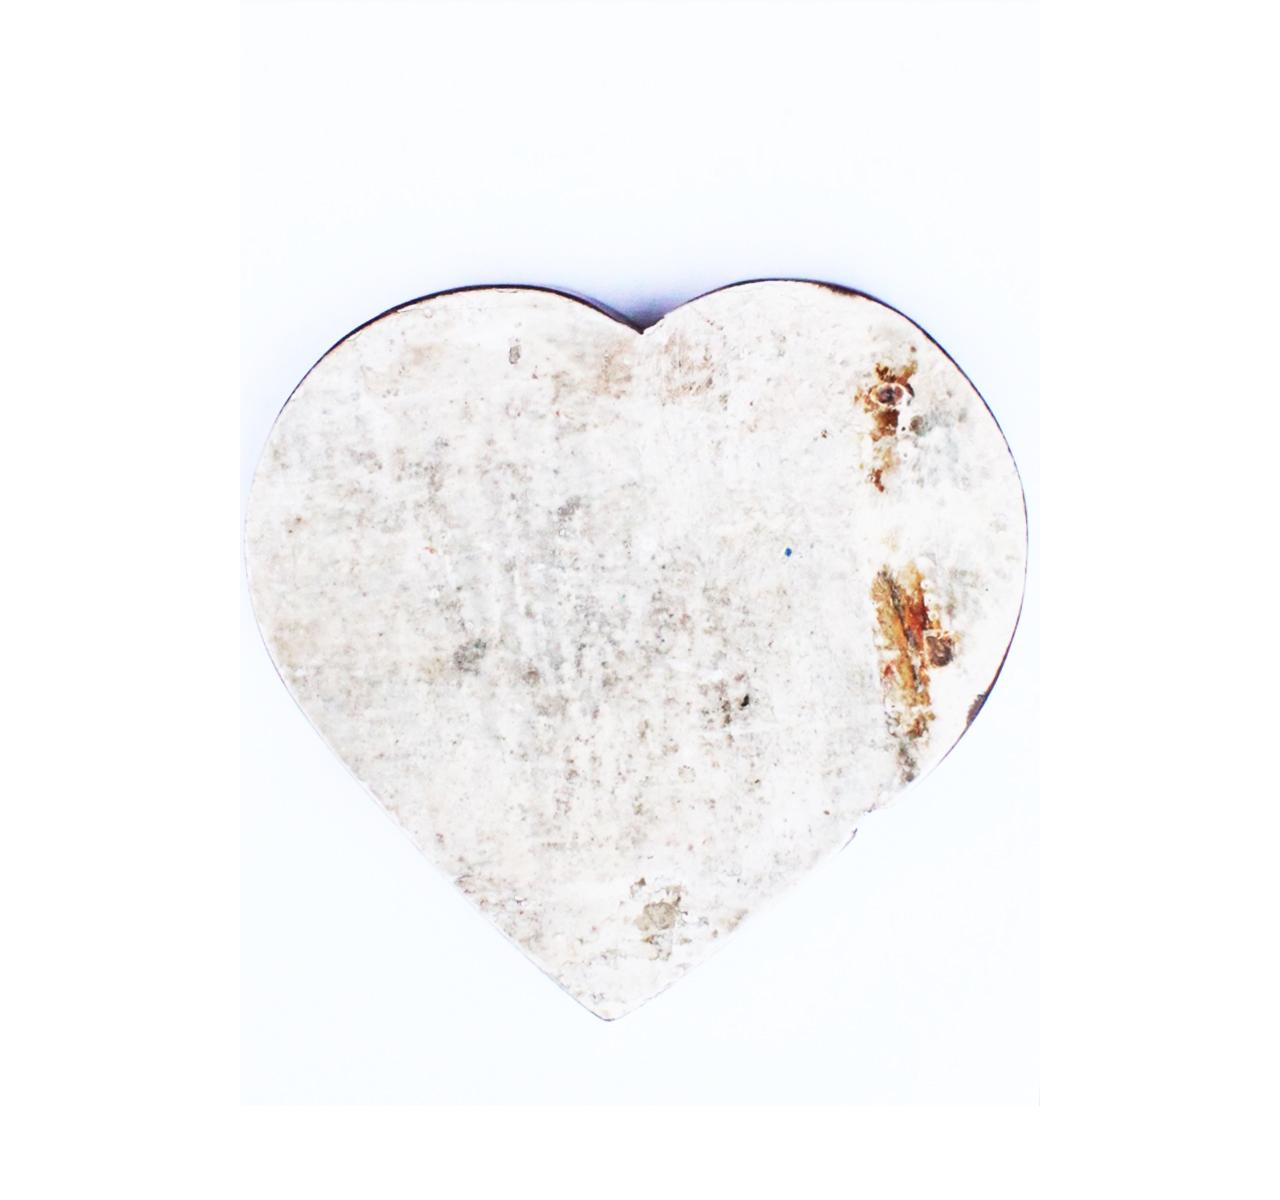 Сердце ЛюбовьДругое<br>&amp;lt;div&amp;gt;Бренд Like Lodka проповедует философию эко-дизайна, более чем актуальную во всем мире. Их мебель и предметы декора создаются в результате вторичной переработки изделий из дерева. Это не только натуральные, экологичные и стильные вещи, это вещи с историей, в которых винтаж перекликается с этно-мотивами.&amp;lt;br&amp;gt;&amp;lt;/div&amp;gt;&amp;lt;div&amp;gt;&amp;lt;br&amp;gt;&amp;lt;/div&amp;gt;Сердце выполненное из фрагмента настоящего рыболовецкого судна, возраст которого 20-50 лет.<br><br>Material: Тик<br>Length см: 18<br>Depth см: 3<br>Height см: 20